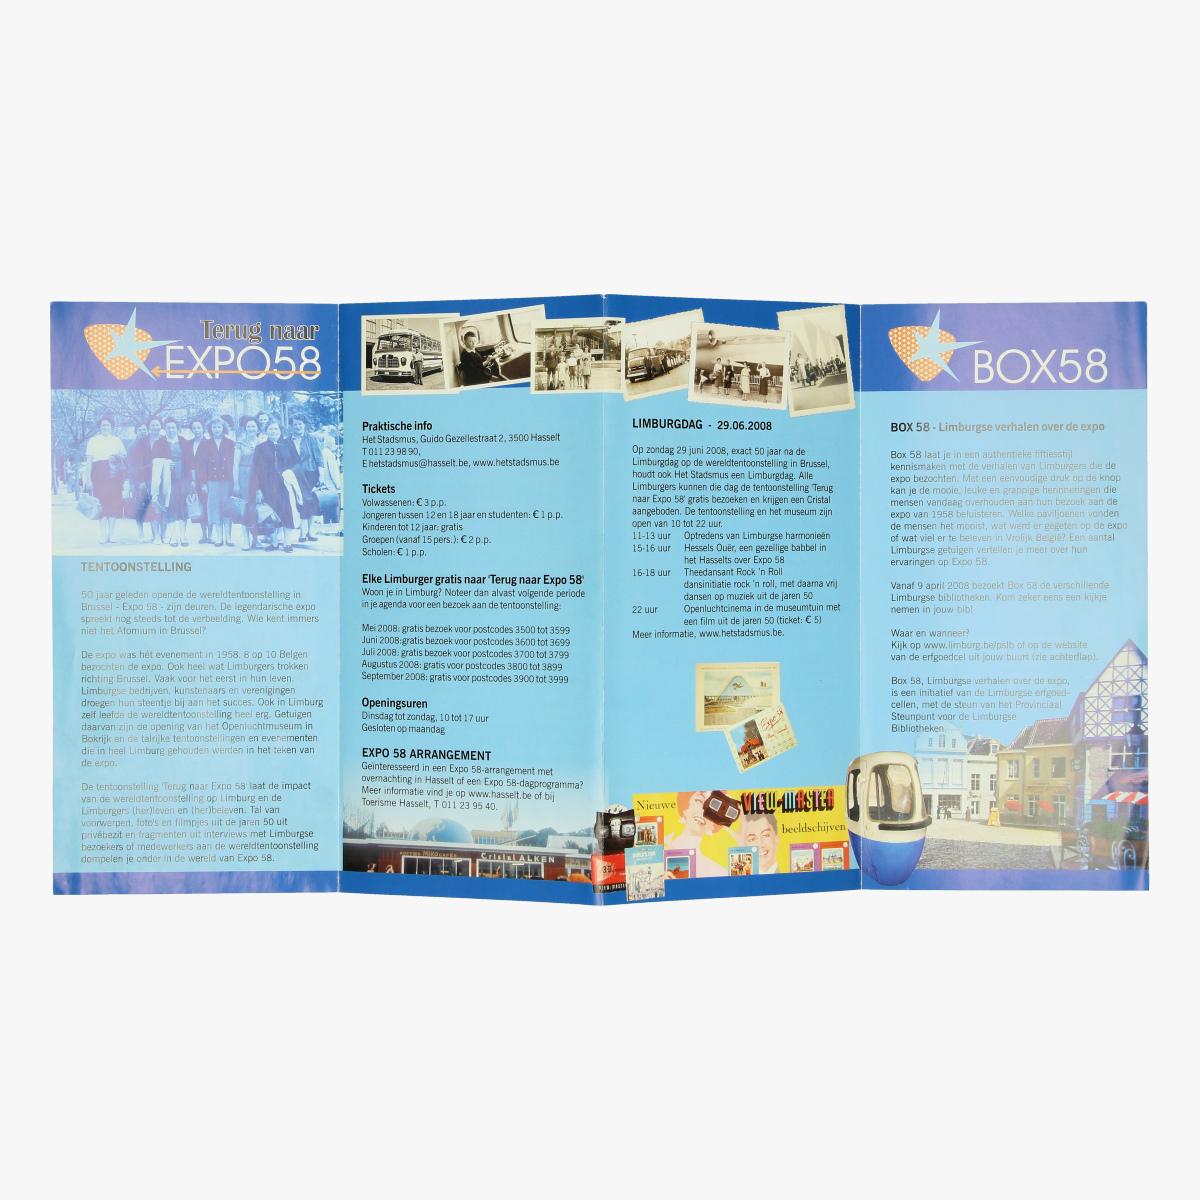 Afbeeldingen van expo 58 flyer terug naar expo58 het stadsmus, hasselt box58